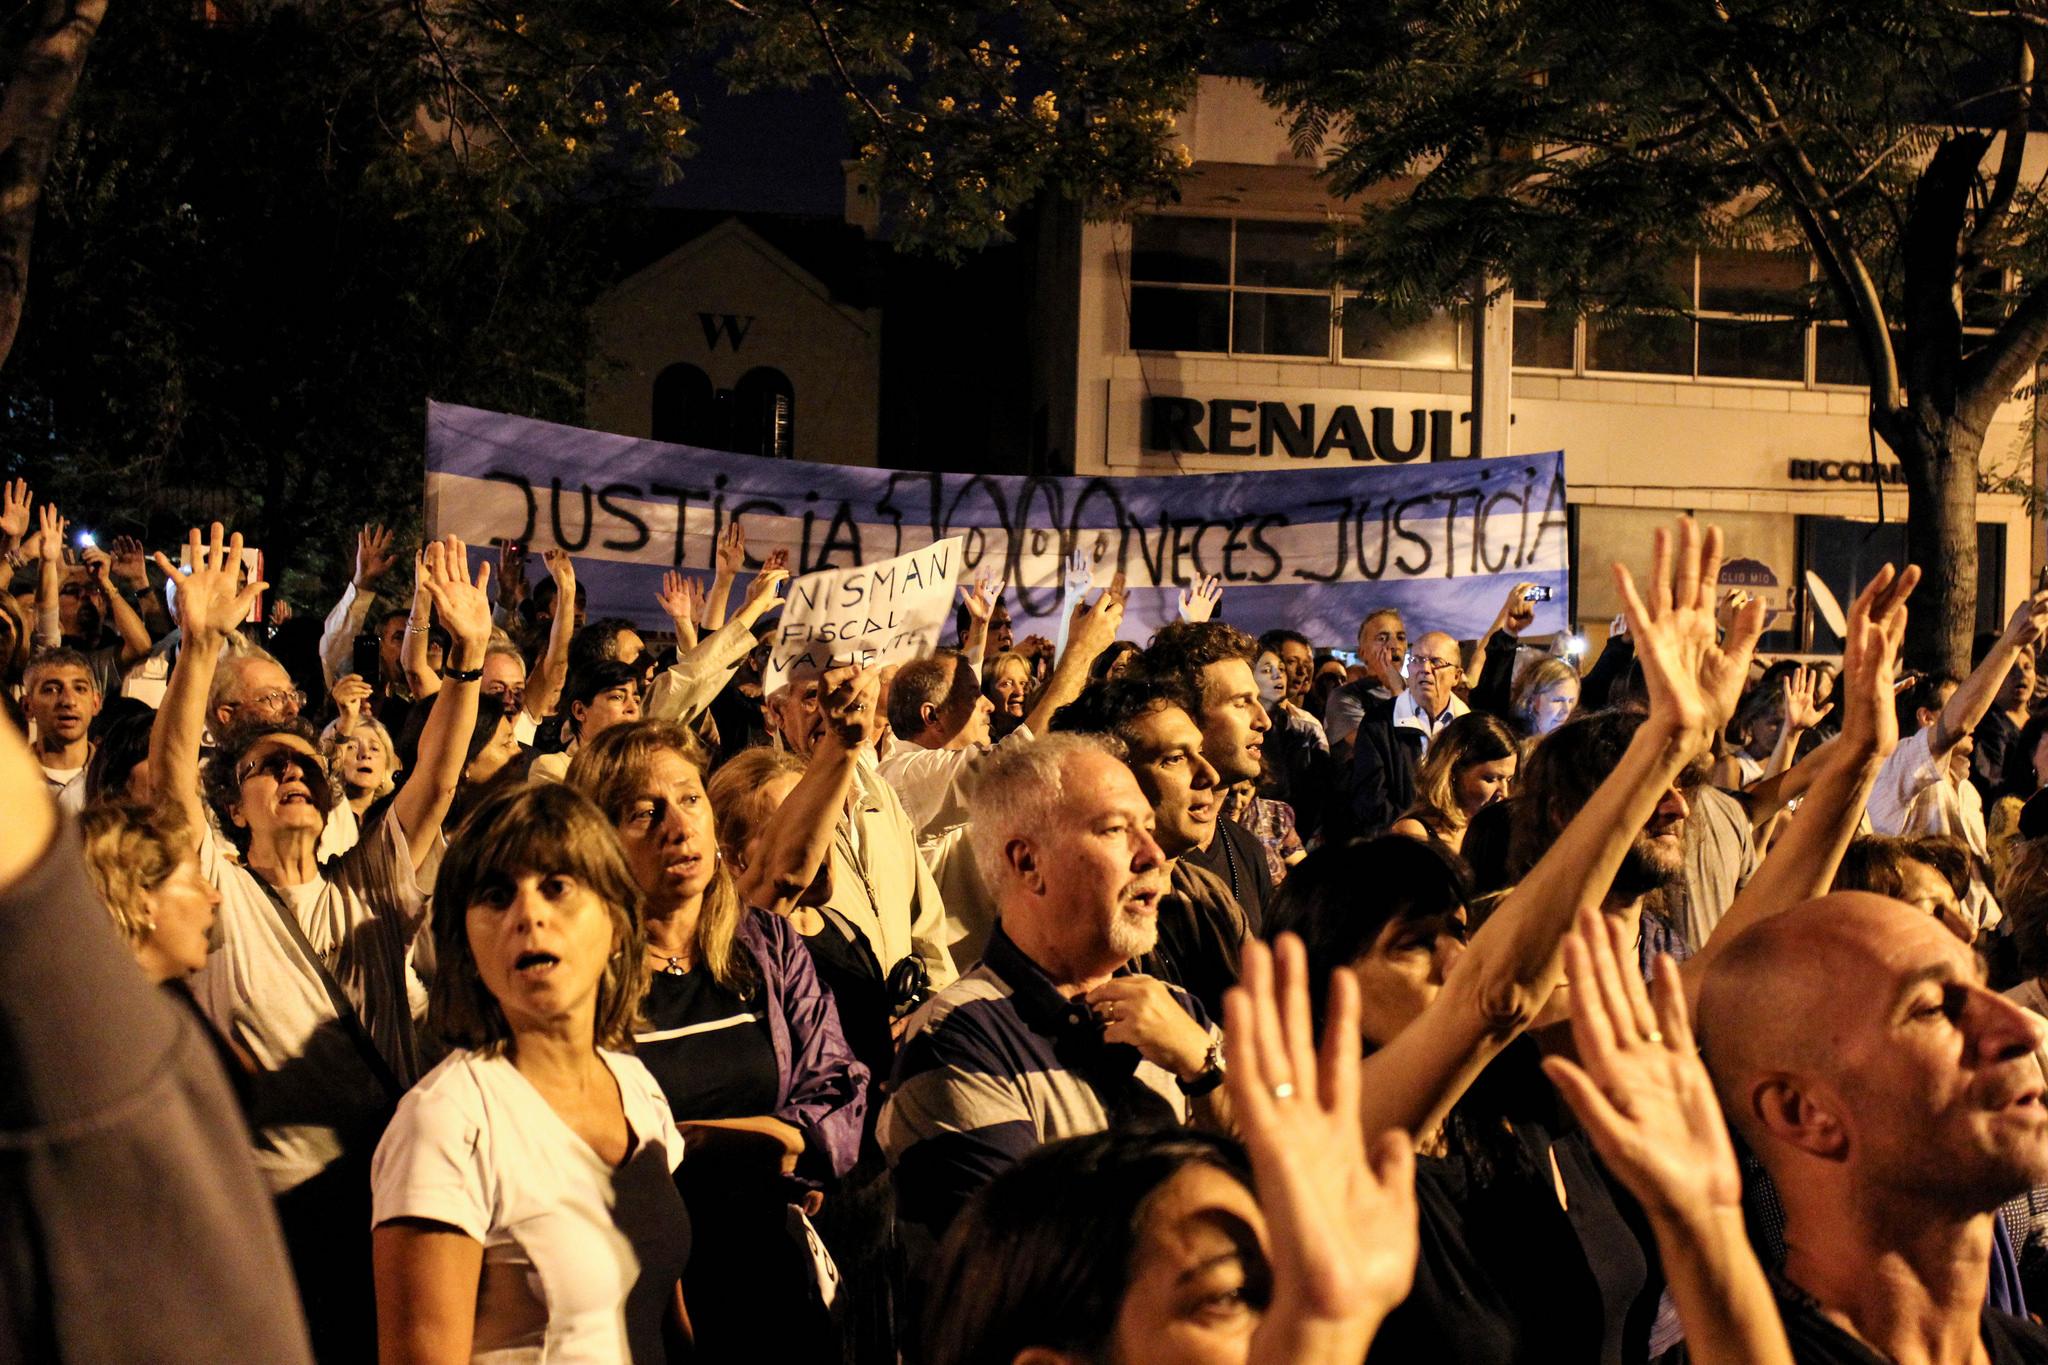 Pochod kvůli smrti žalobce Alberto Nismana. Quinta de Olivos, Buenos Aires. Fotografie pochází z účtu JMalievi na serveru Flickr, uveřejněna v rámci licence Creative Commons.